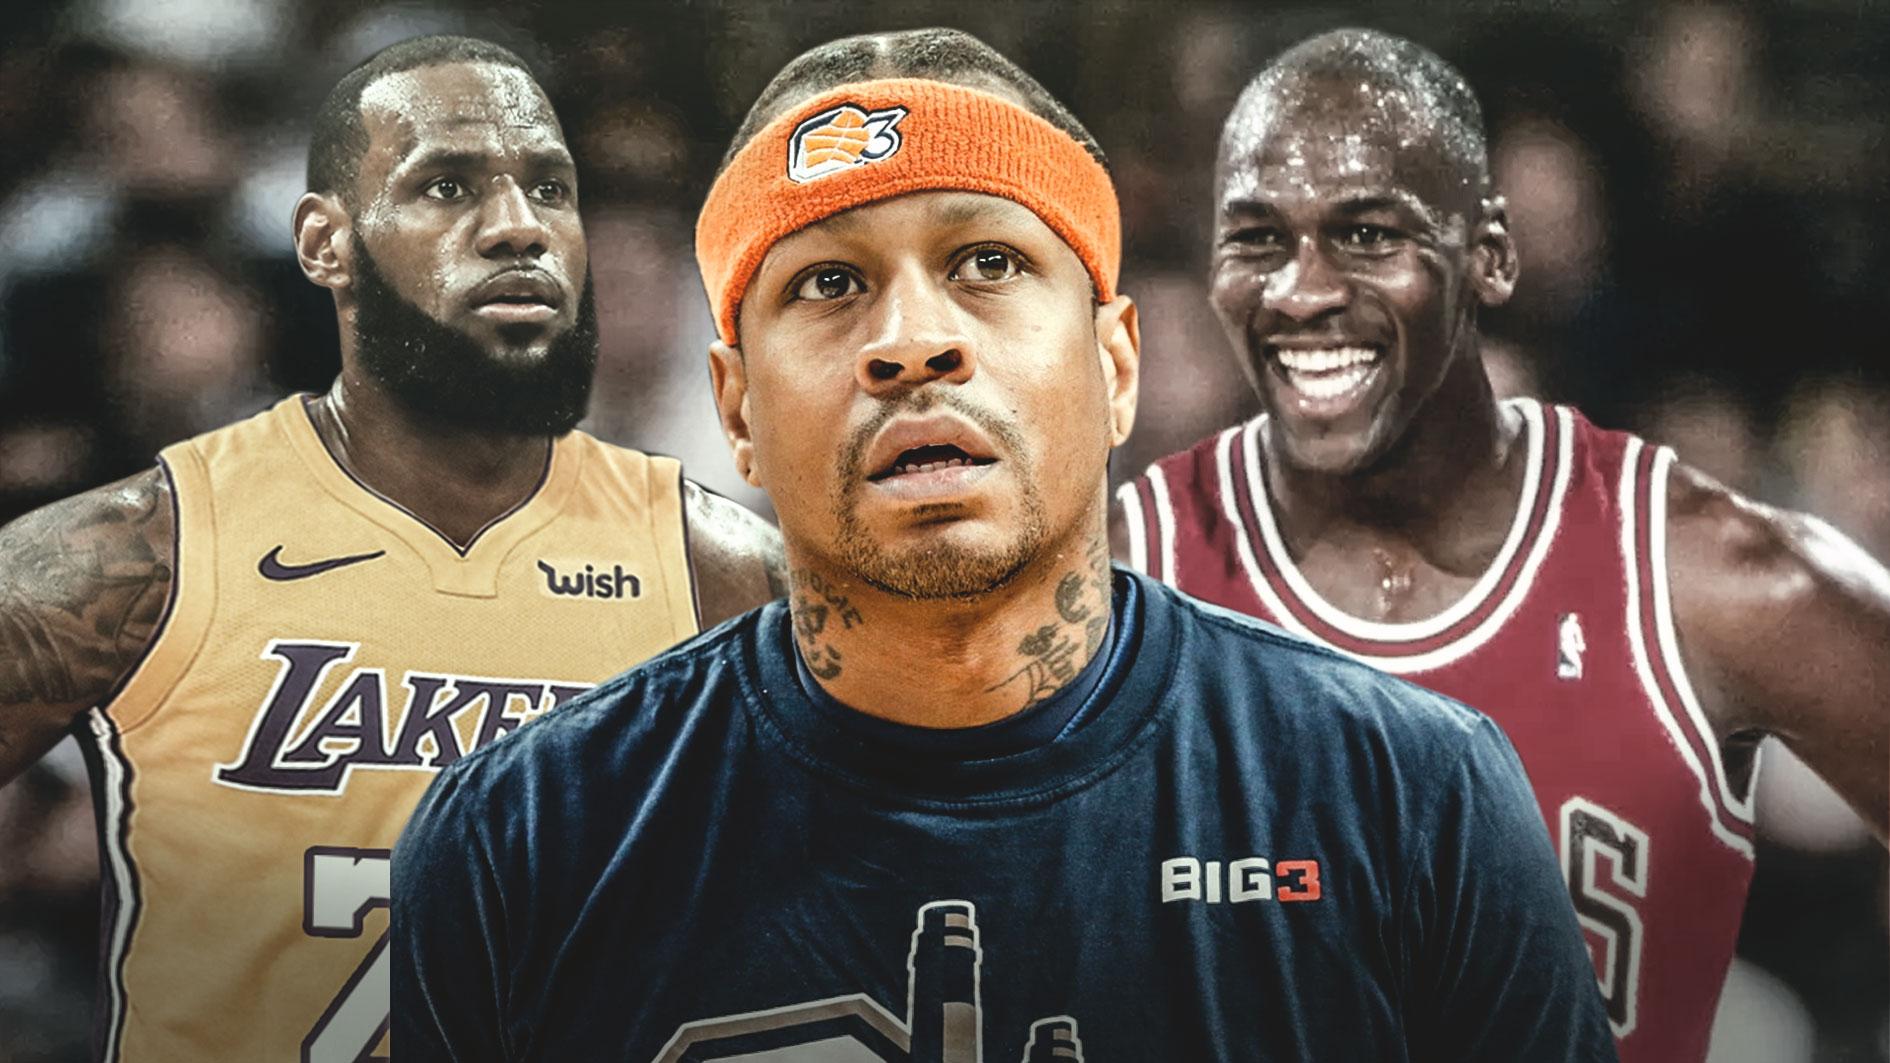 Michael Jordan, LeBron James and Michael Jordan